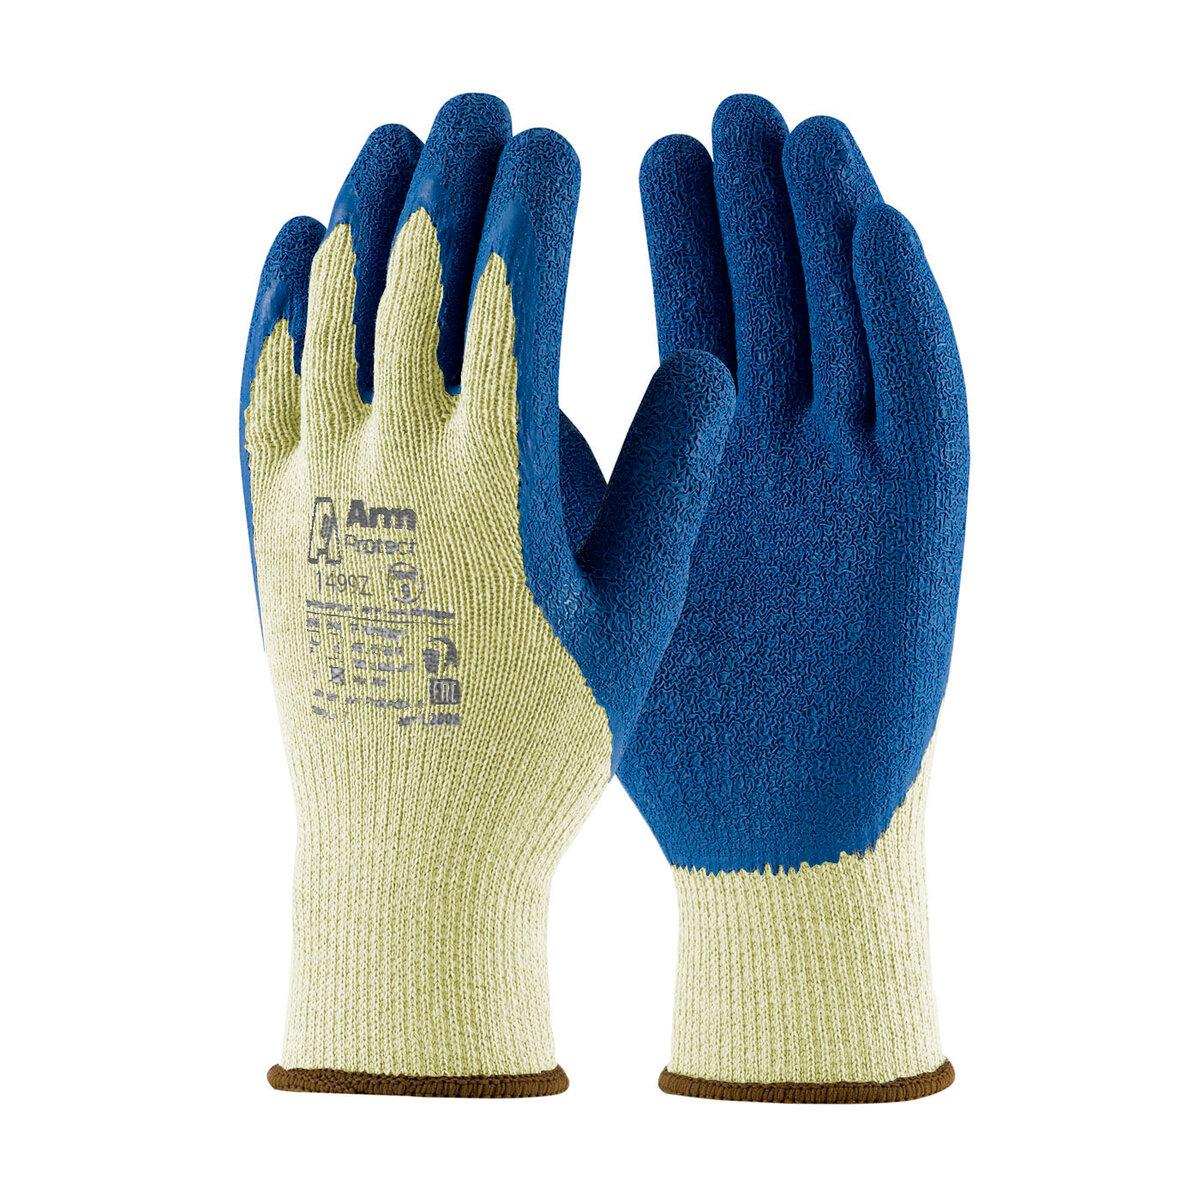 личном картинки защитных перчаток установлен